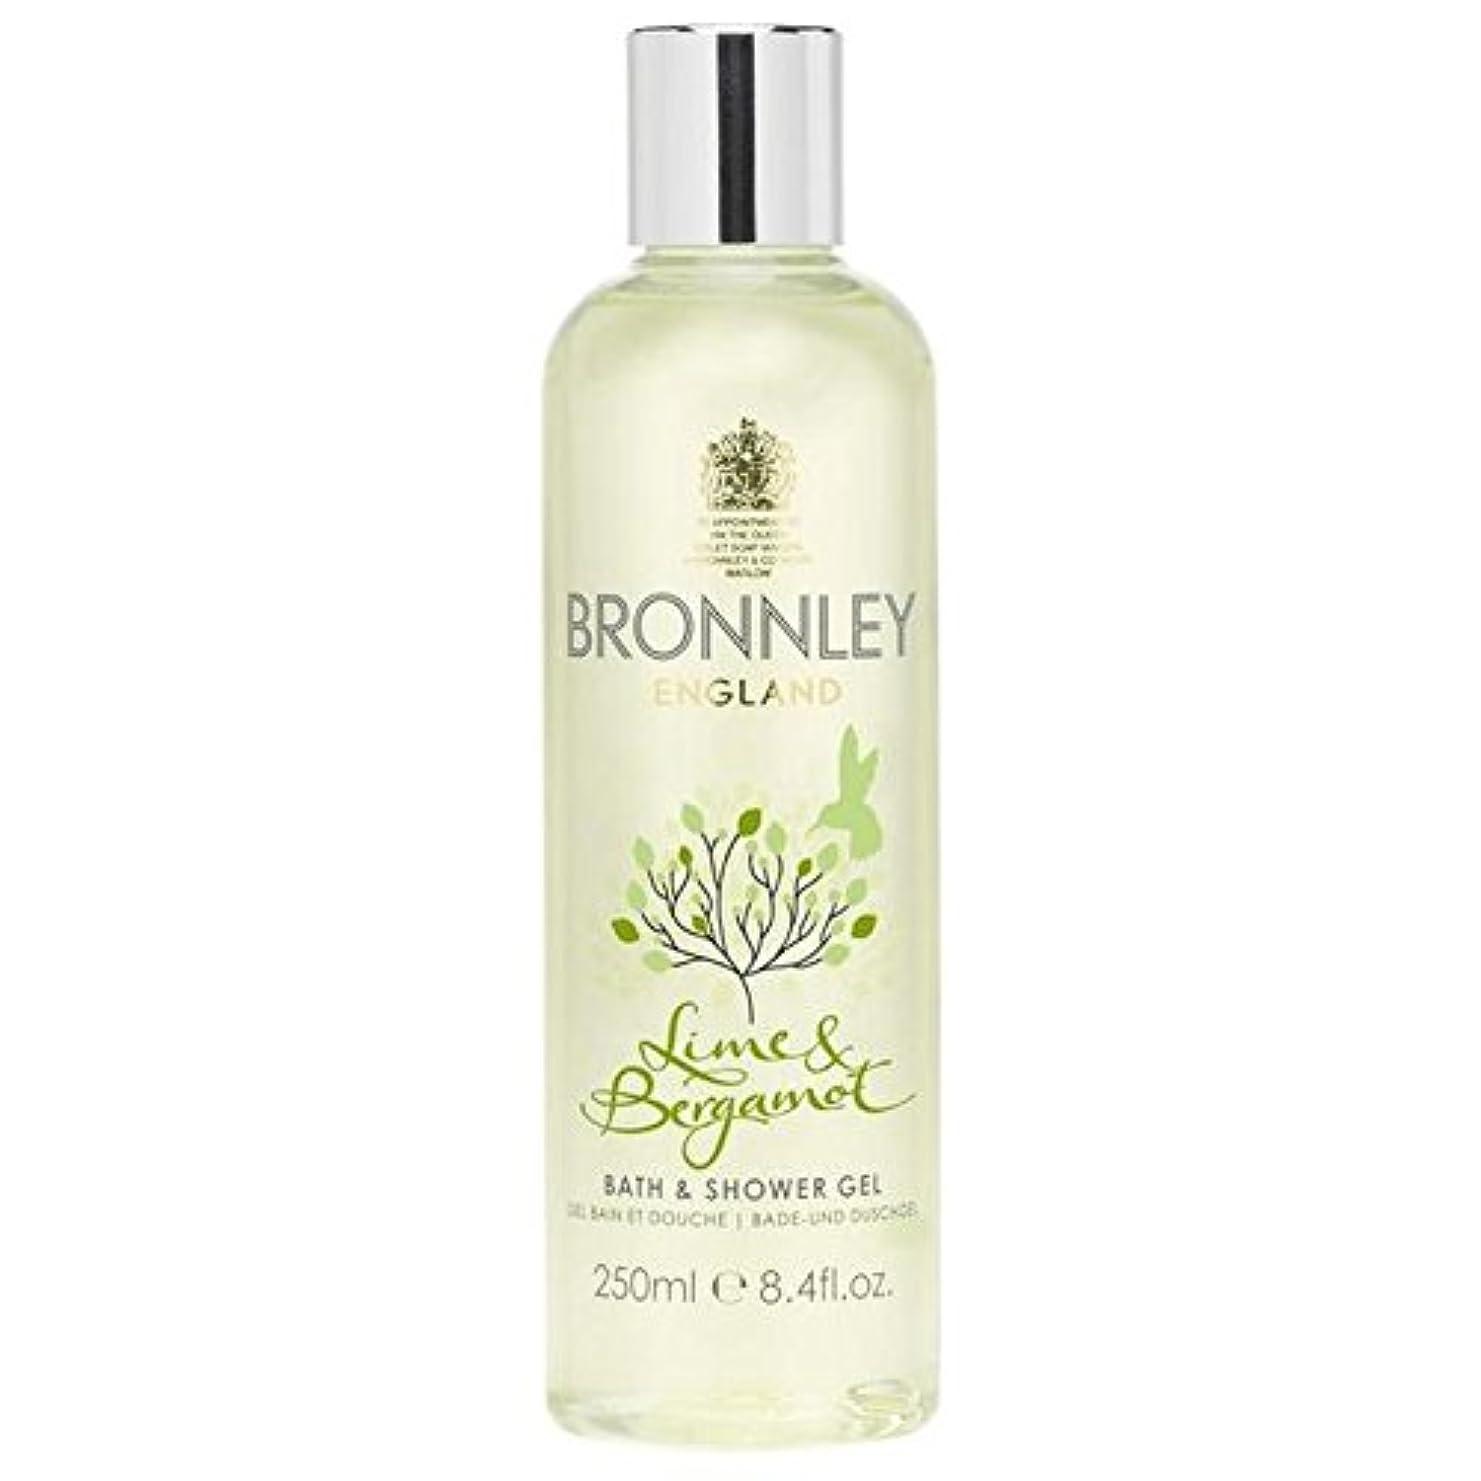 対応する地図計画的ライム&ベルガモットバス&シャワージェル250ミリリットル x4 - Bronnley Lime & Bergamot Bath & Shower Gel 250ml (Pack of 4) [並行輸入品]